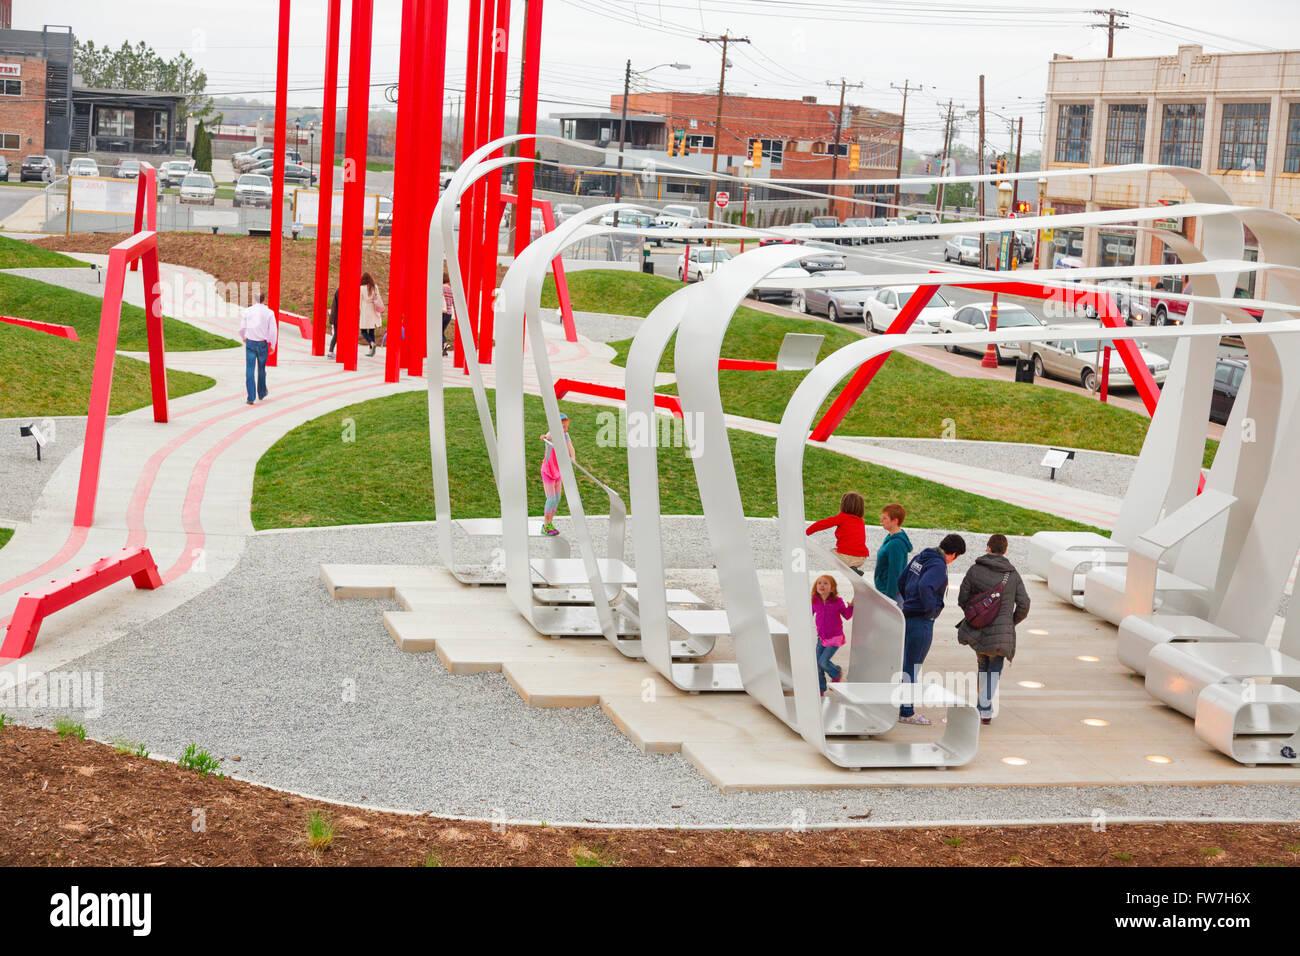 Artivity sur le green, un parc de sculptures populaires auprès des jeunes et des familles, Dada, Winston-Salem, Photo Stock